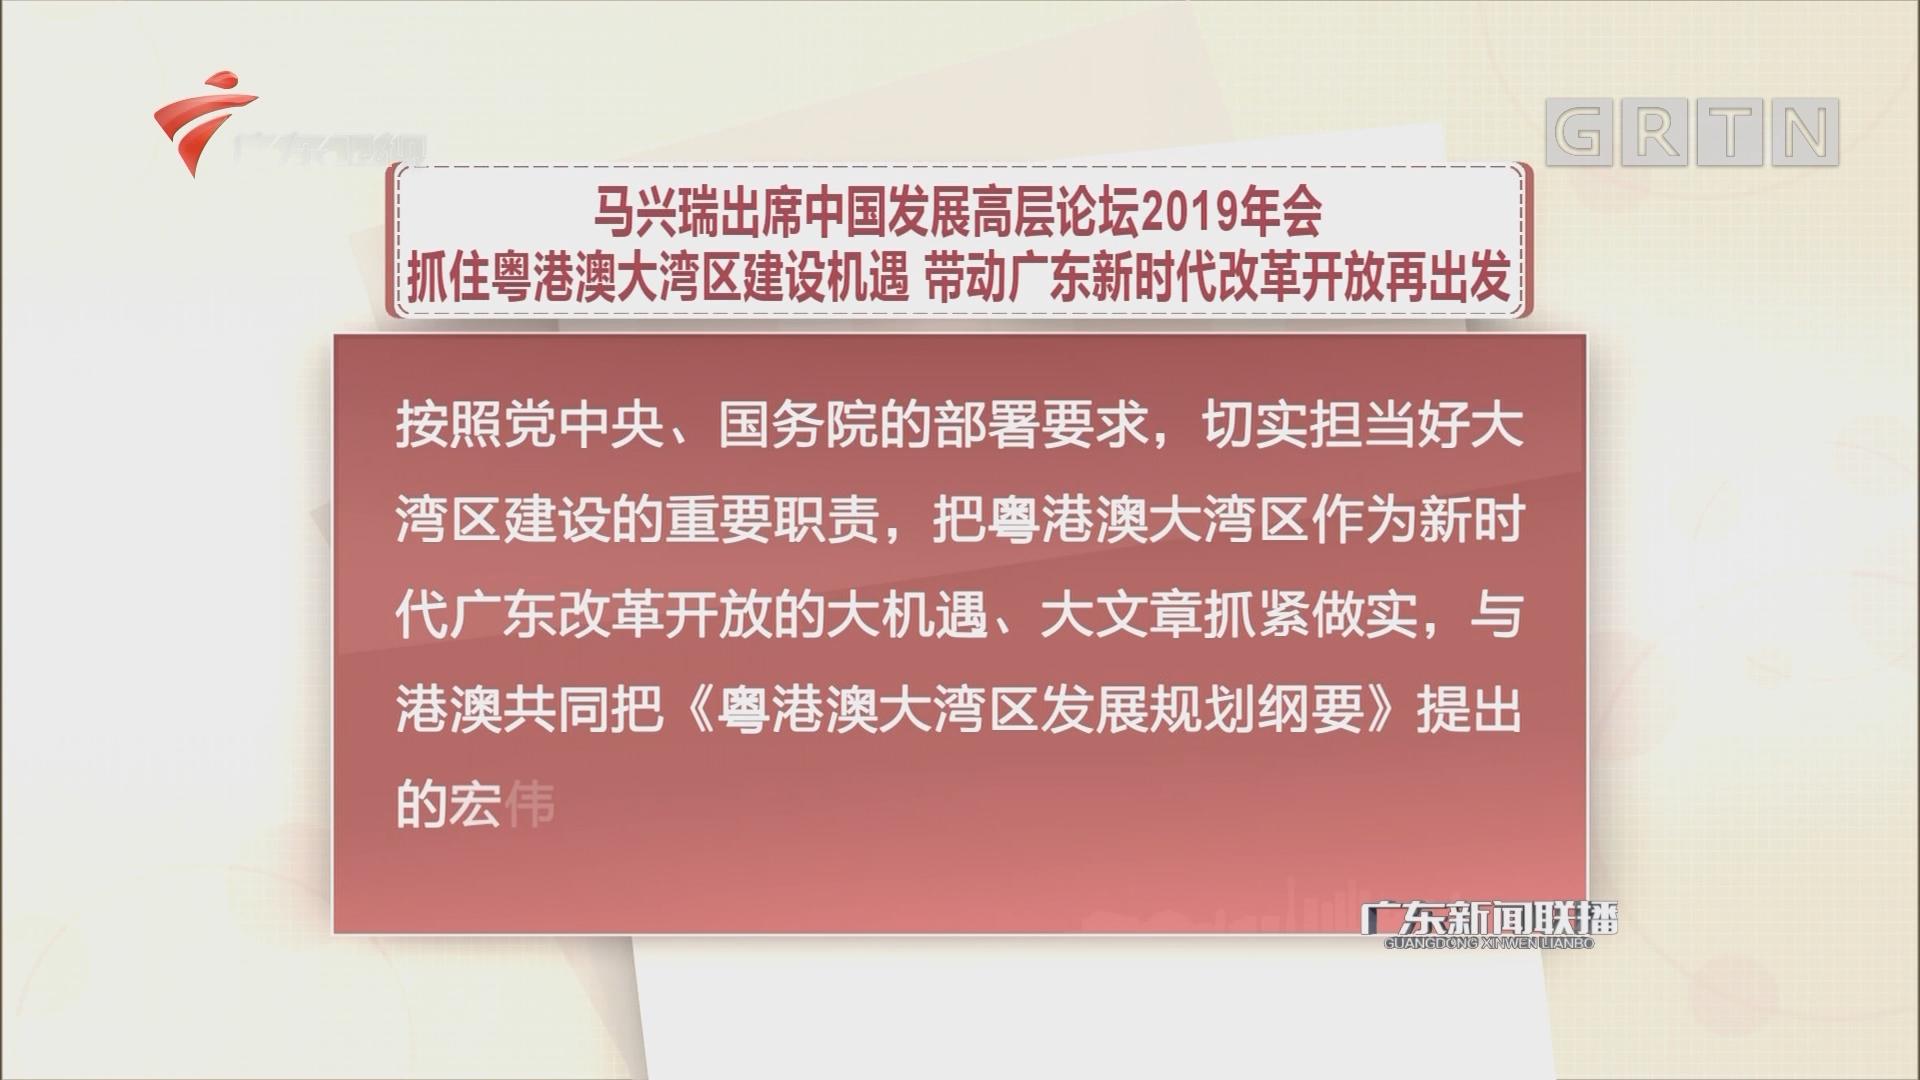 马兴瑞出席中国发展高层论坛2019年会 抓住粤港澳大湾区建设机遇 带动广东新时代改革开放再出发